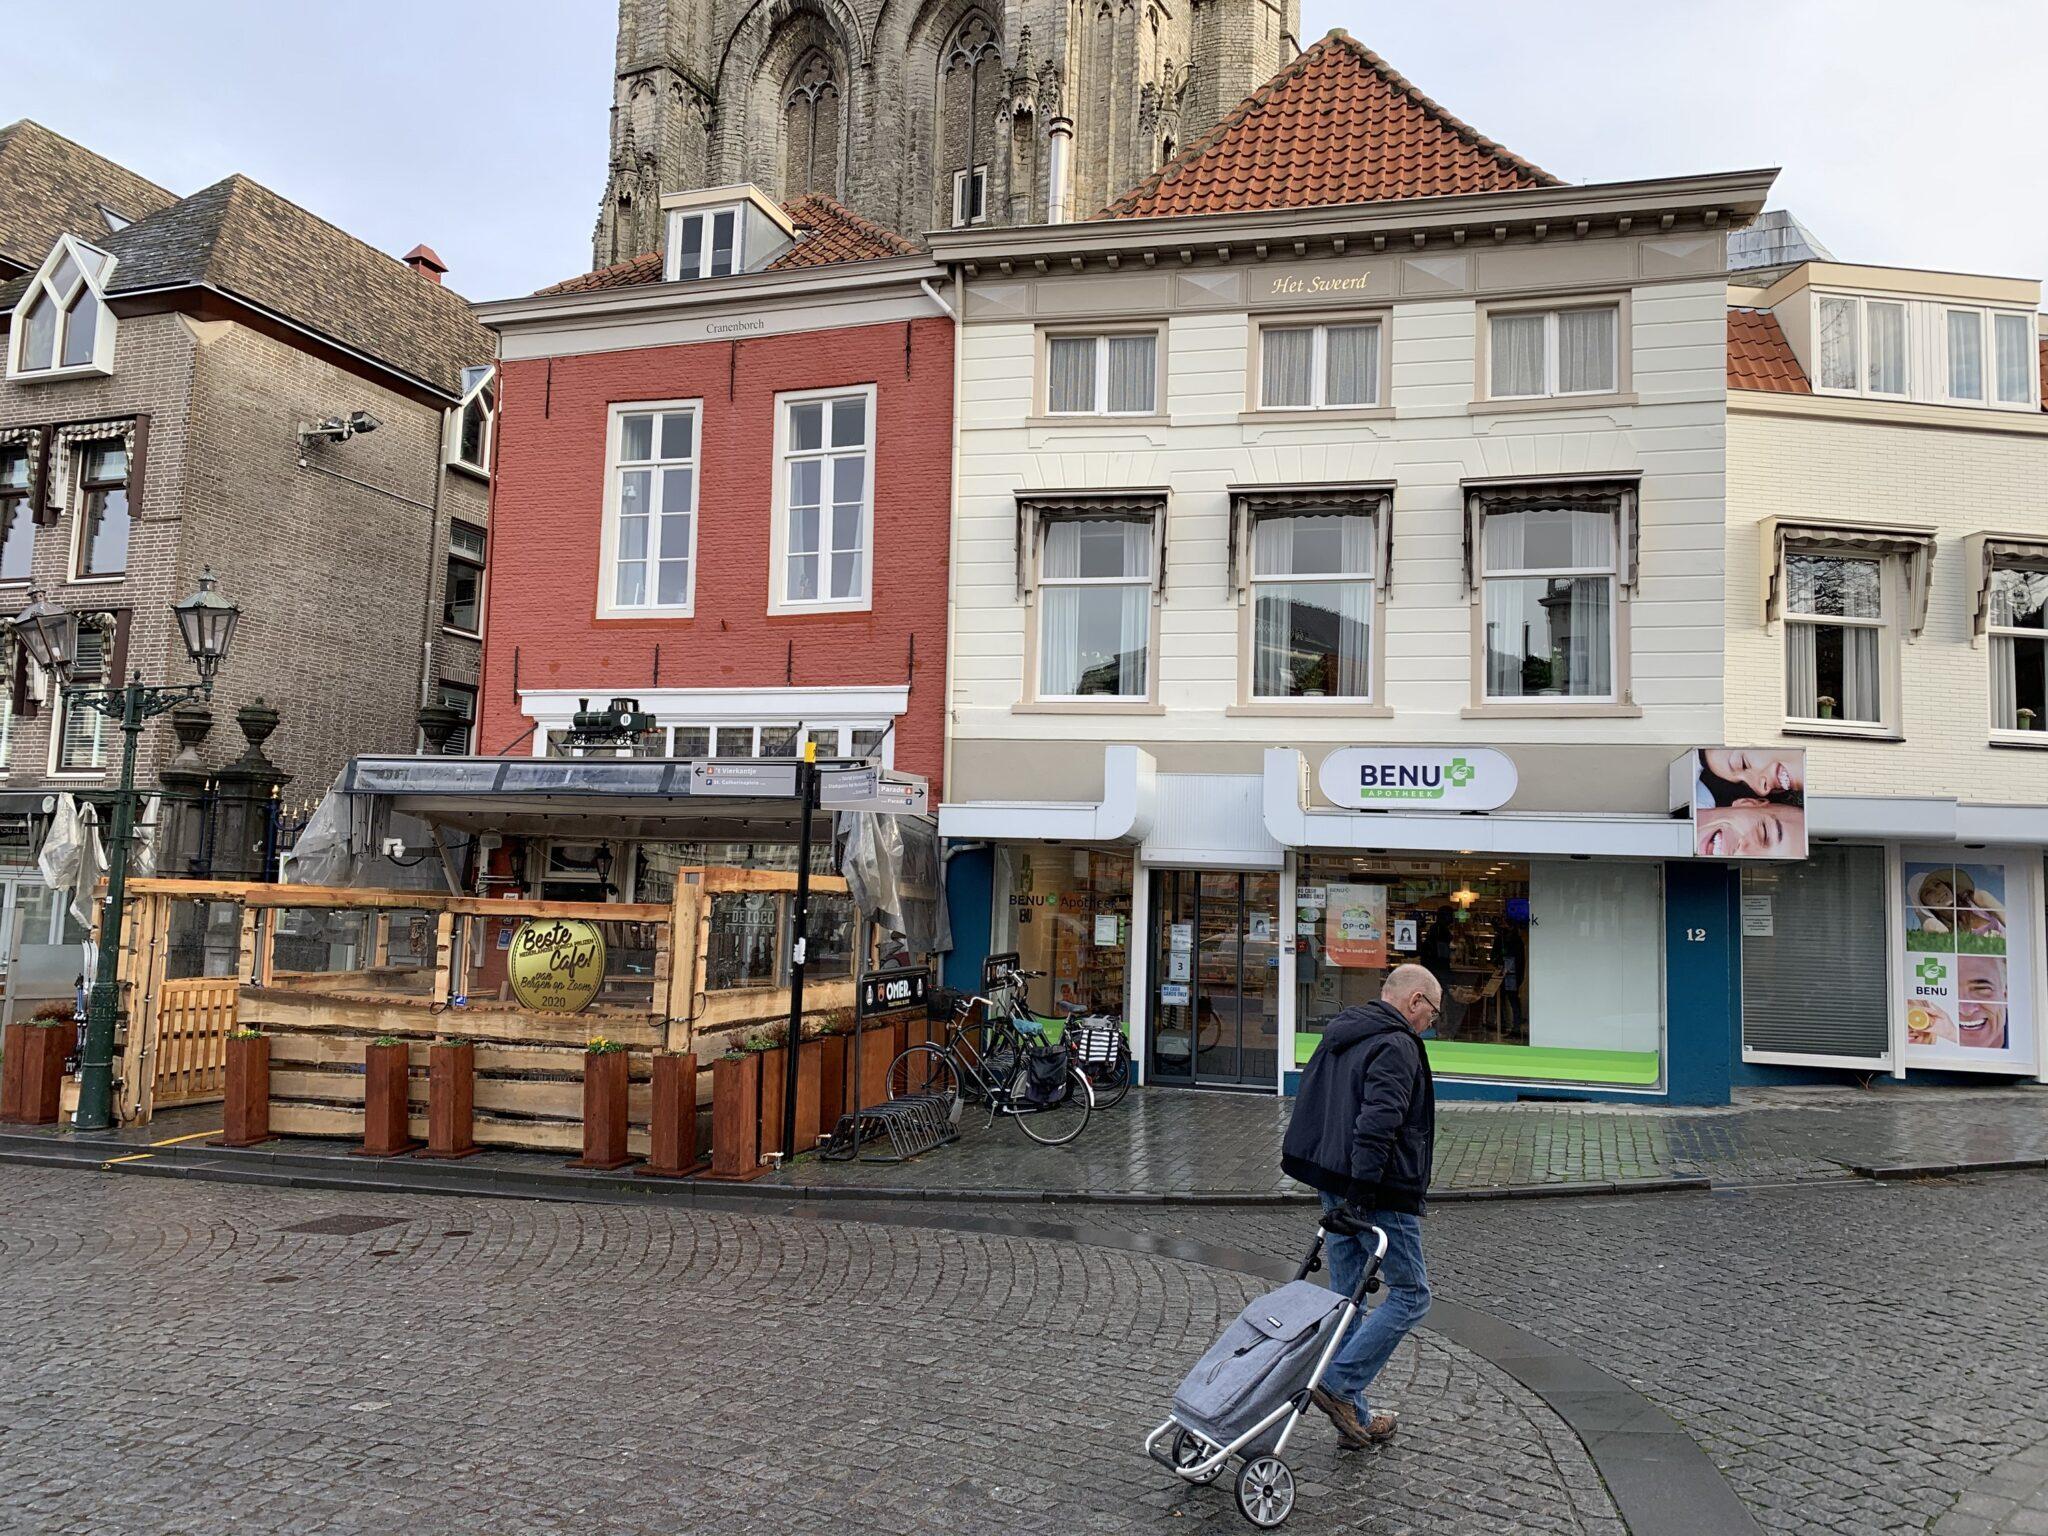 rolkoffer boodschappen doen rolkar trolley grote markt peperbus apotheek benu apotheek apotheken zorg medicijnen café loco locomotief locomotiefke